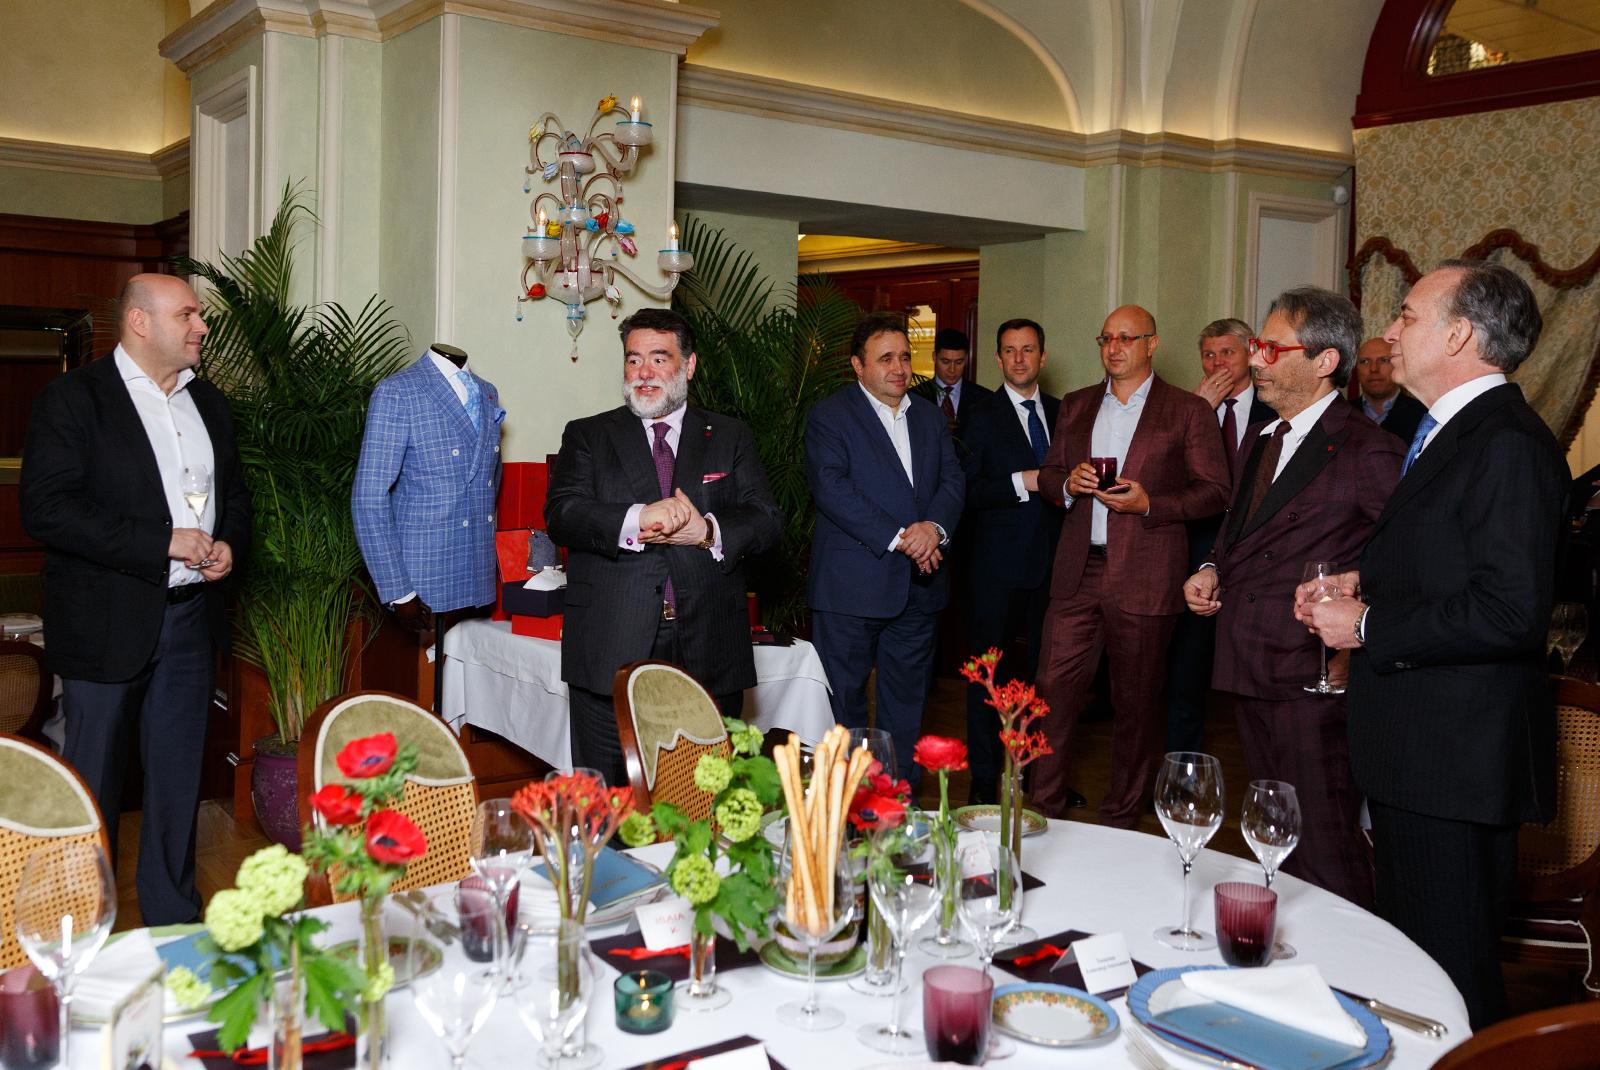 be851a772bcf Isaia в Москве  закрытый ужин с президентом неаполитанской марки Джанлукой  Изайя